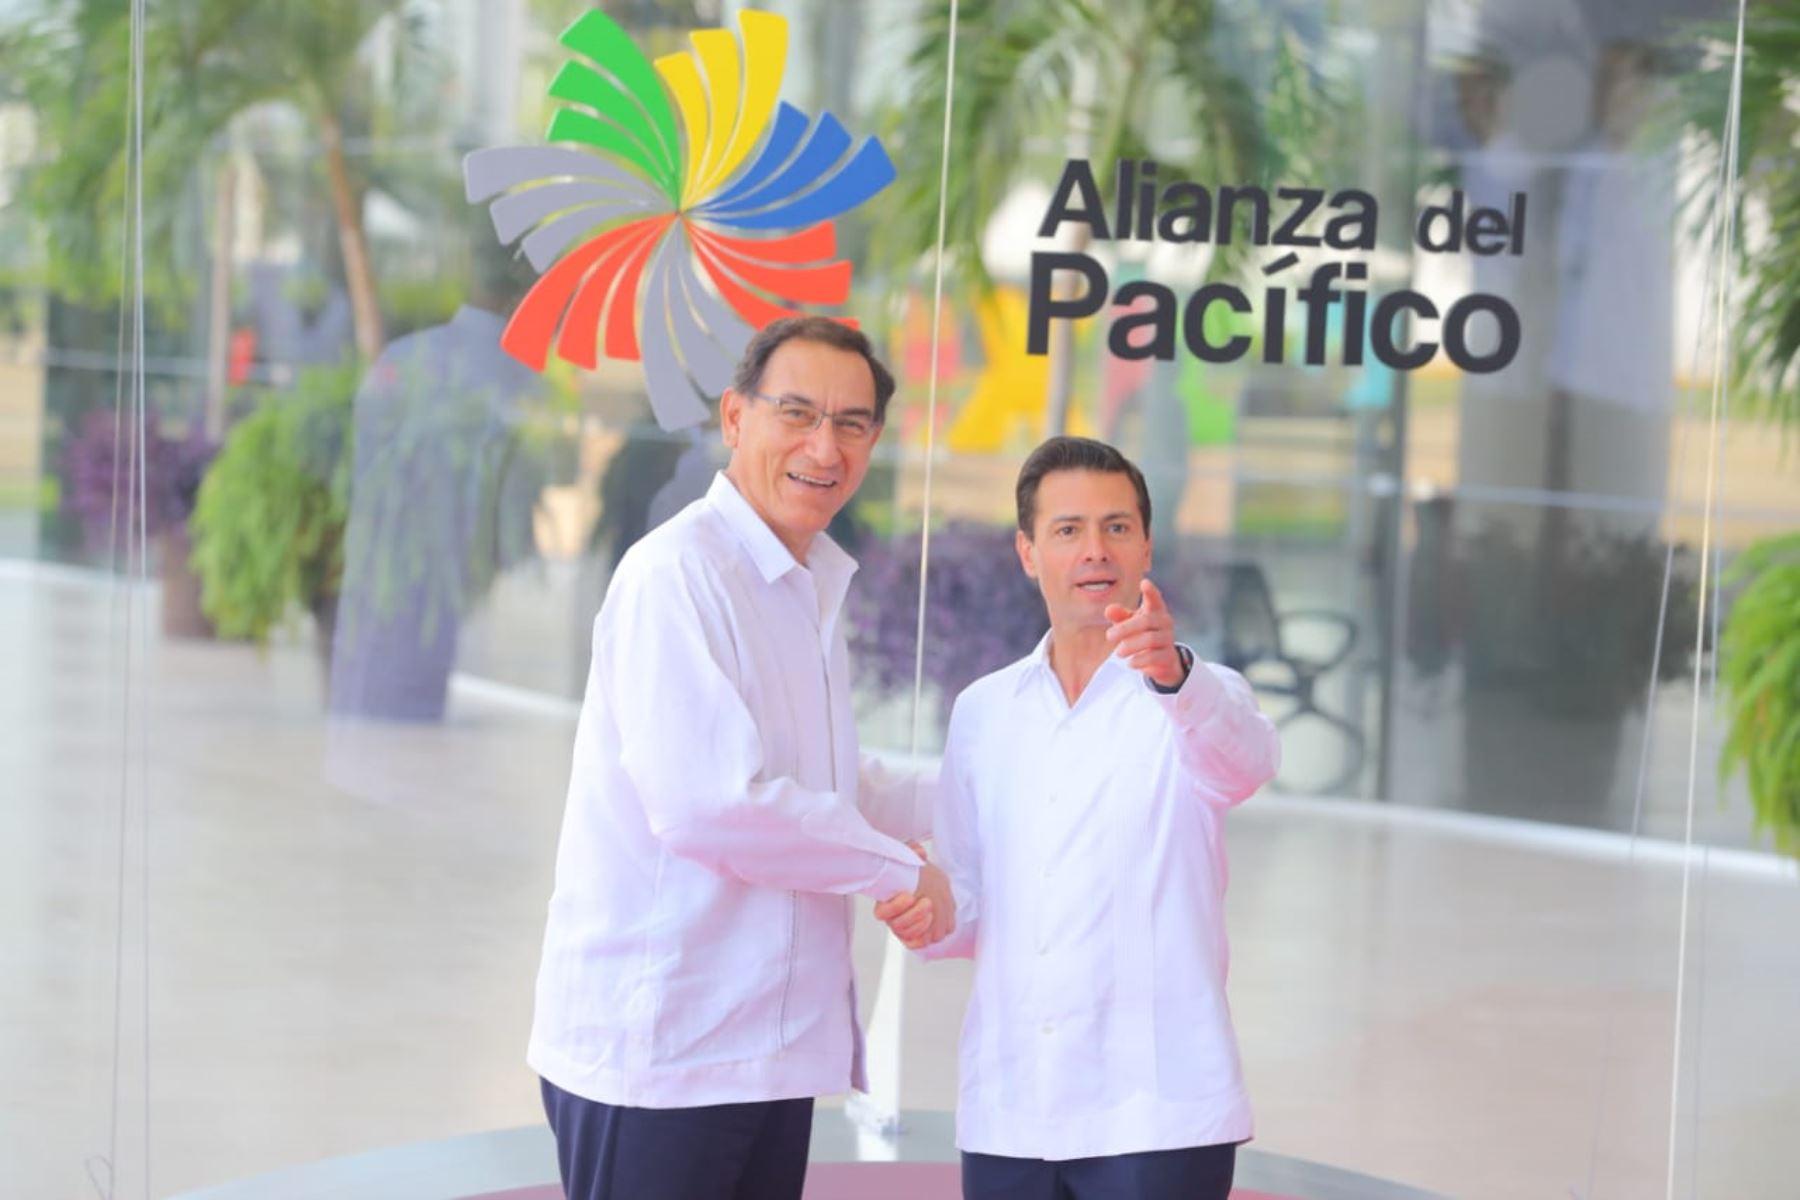 El Jefe del Estado Peruano, Martín Vizcarra, se reúne con su homólogo mexicano Enrique Peña Nieto en la cumbre de la Alianza del Pacífico. Foto: ANDINA/Prensa Presidencia